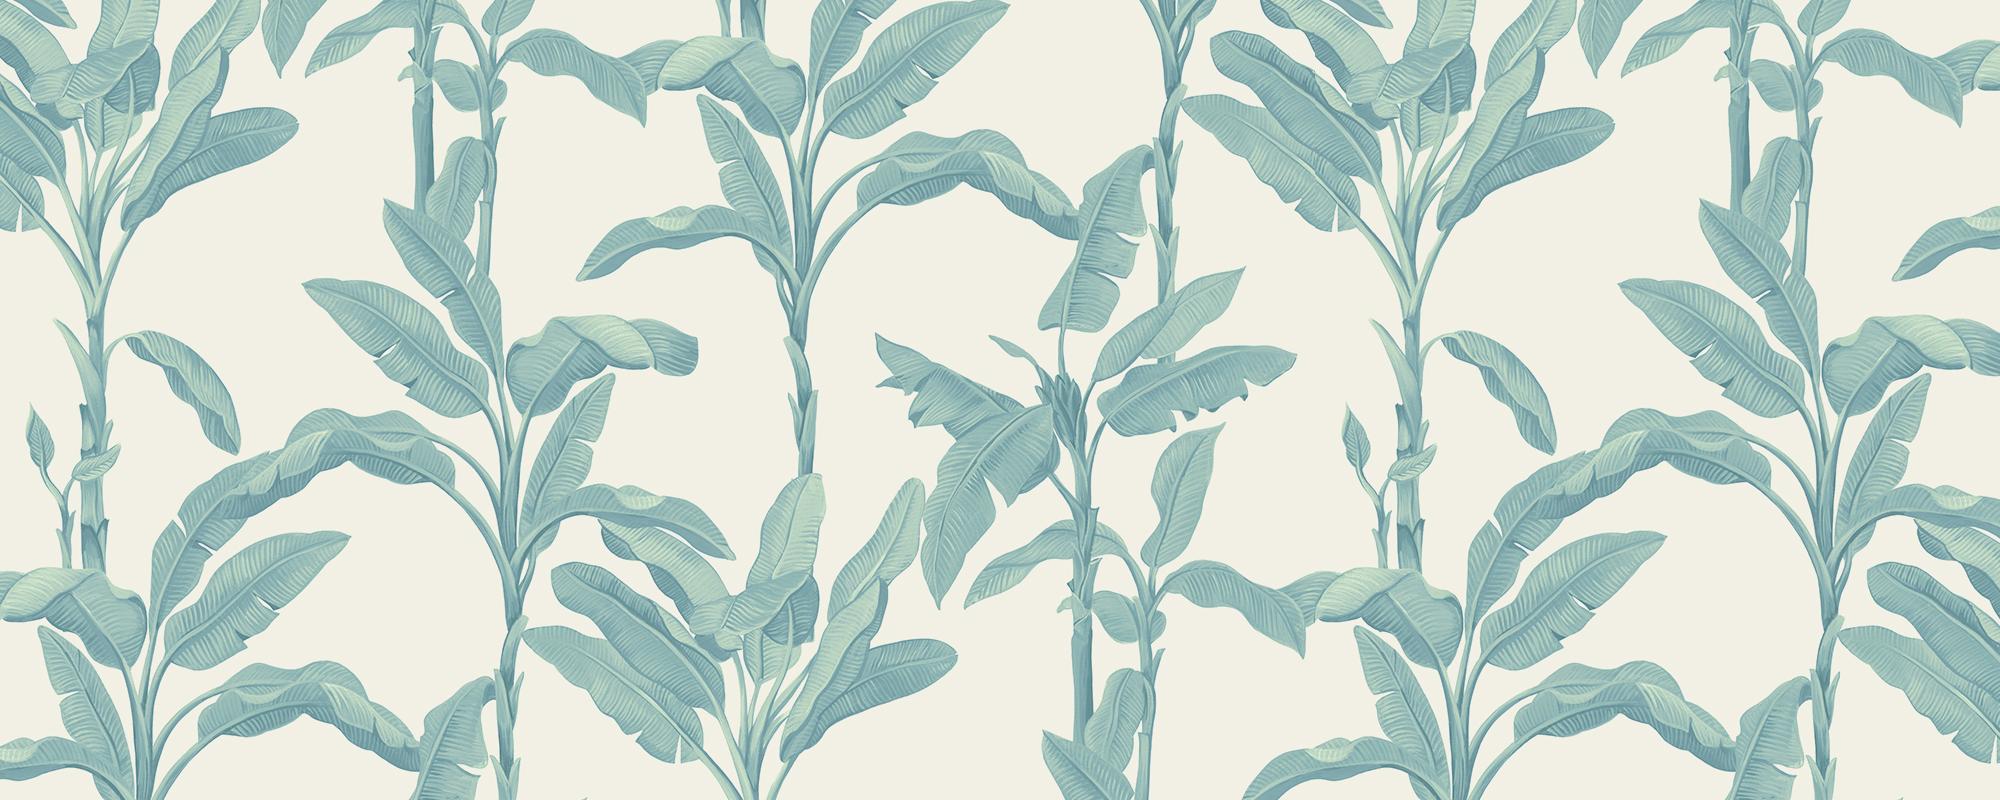 Papier peint feuilles de bananier bleu